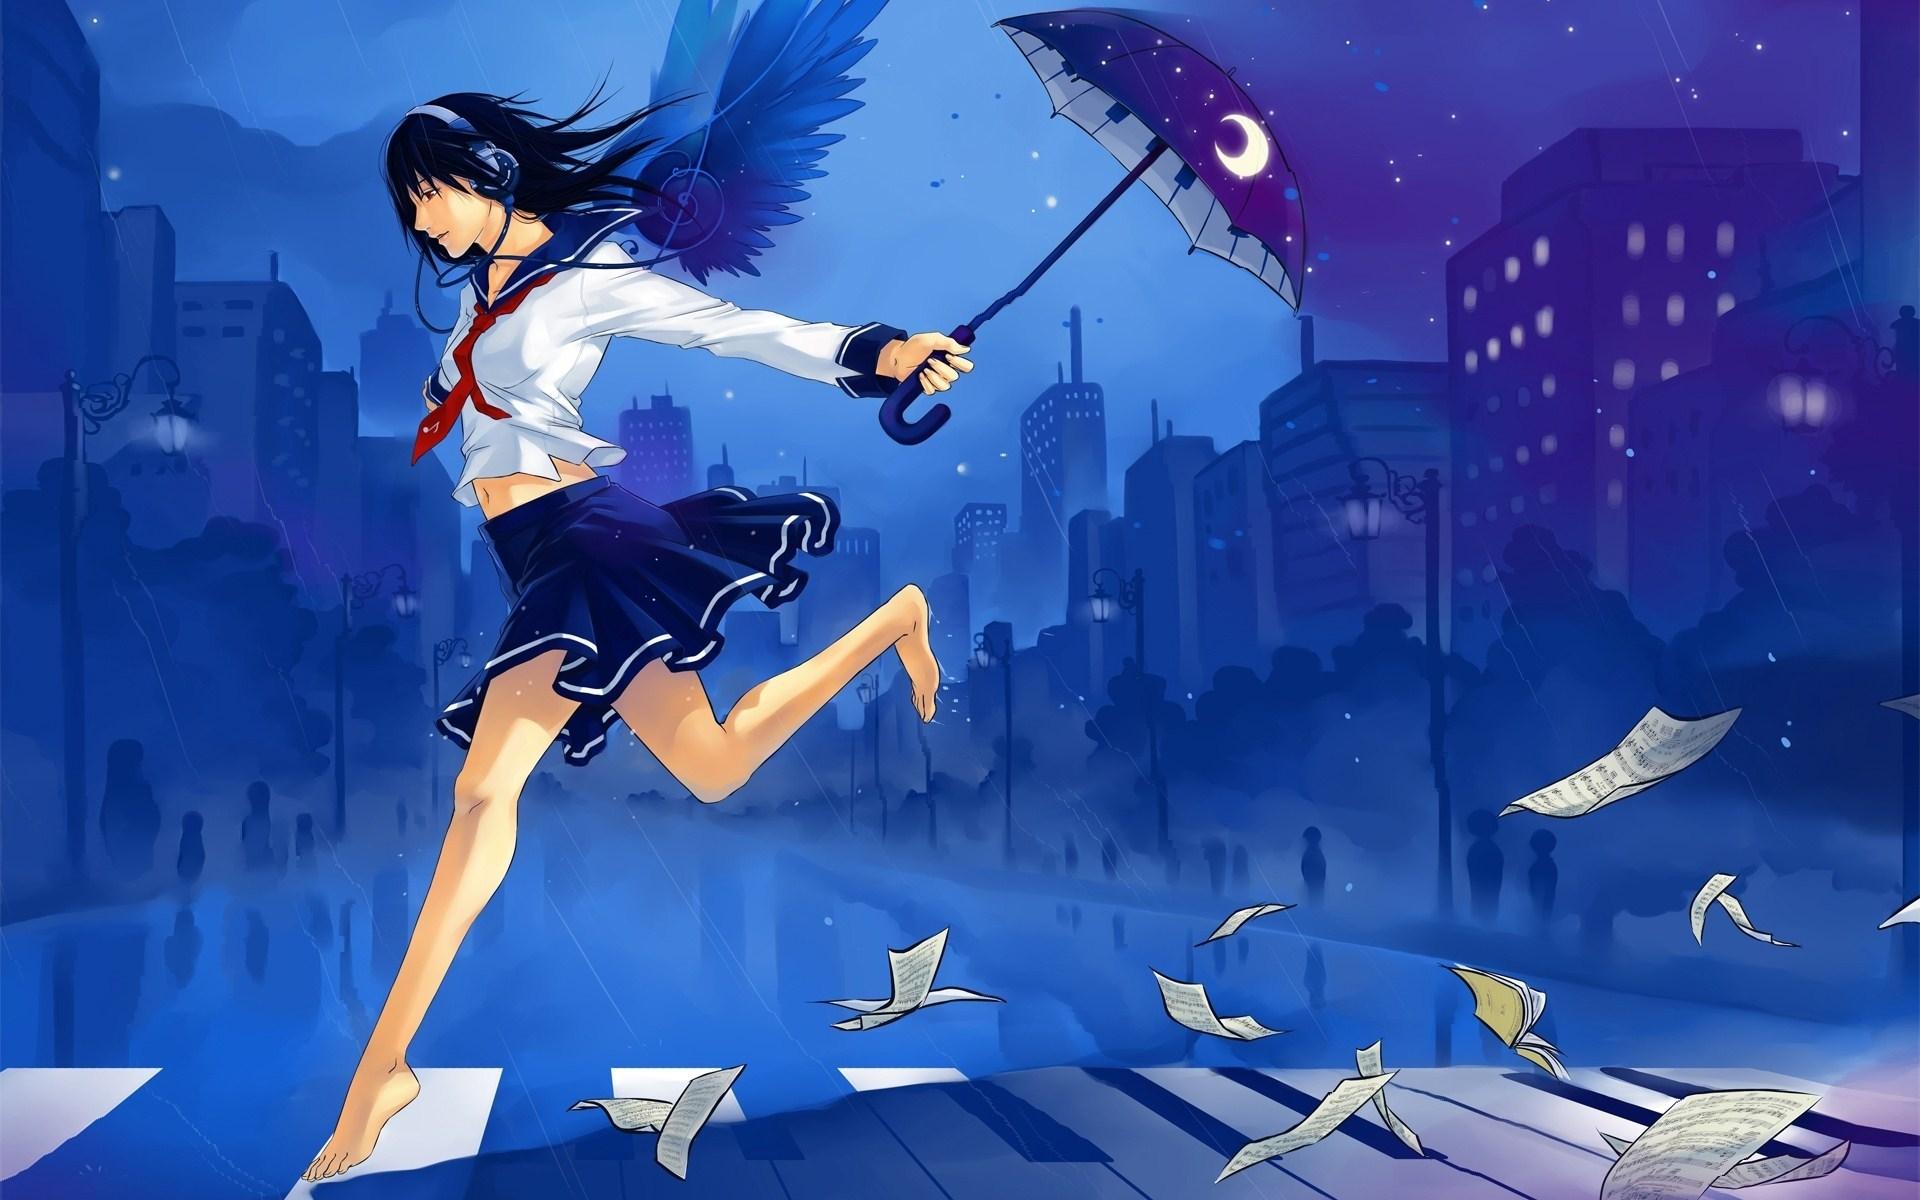 Brunette Anime Girl Umbrella Headphones Music Artwork